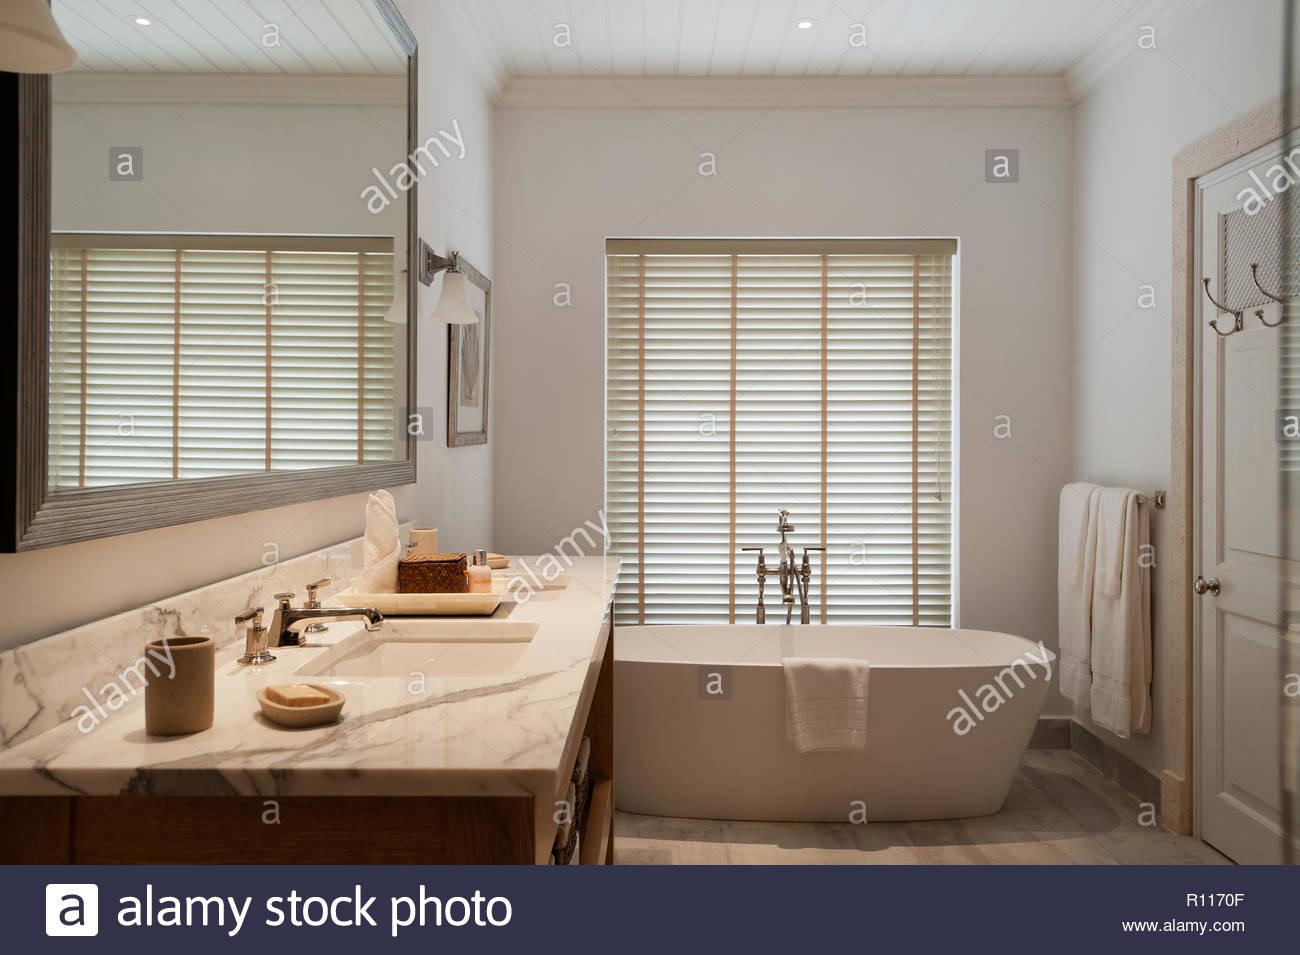 Klassischen Stil Badezimmer mit freistehender Badewanne Stockfoto ...